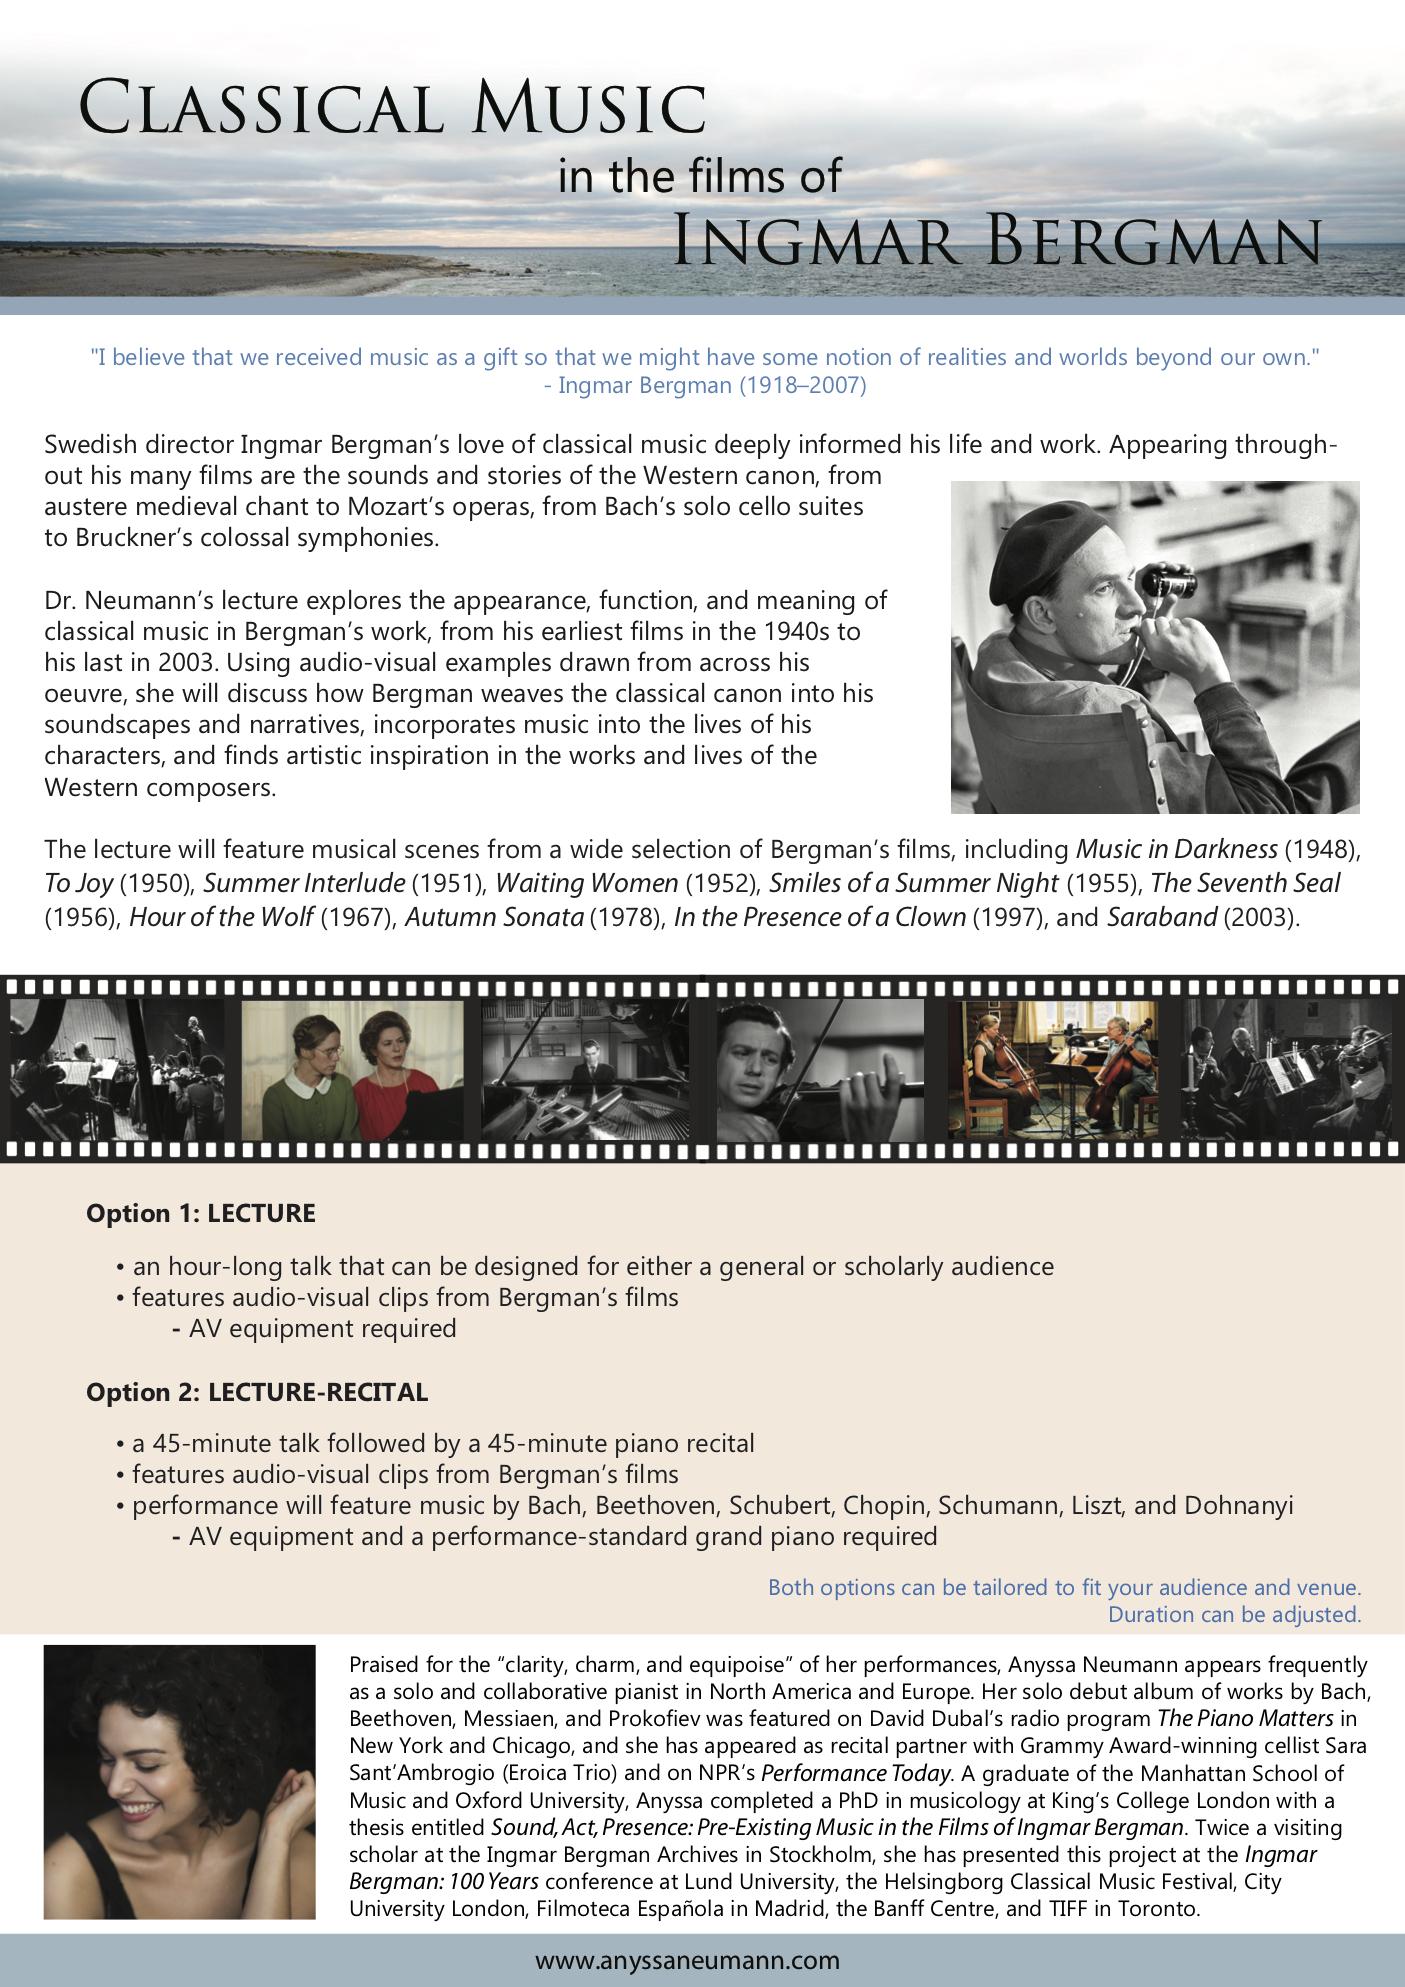 Ingmar Bergman lecture-recital